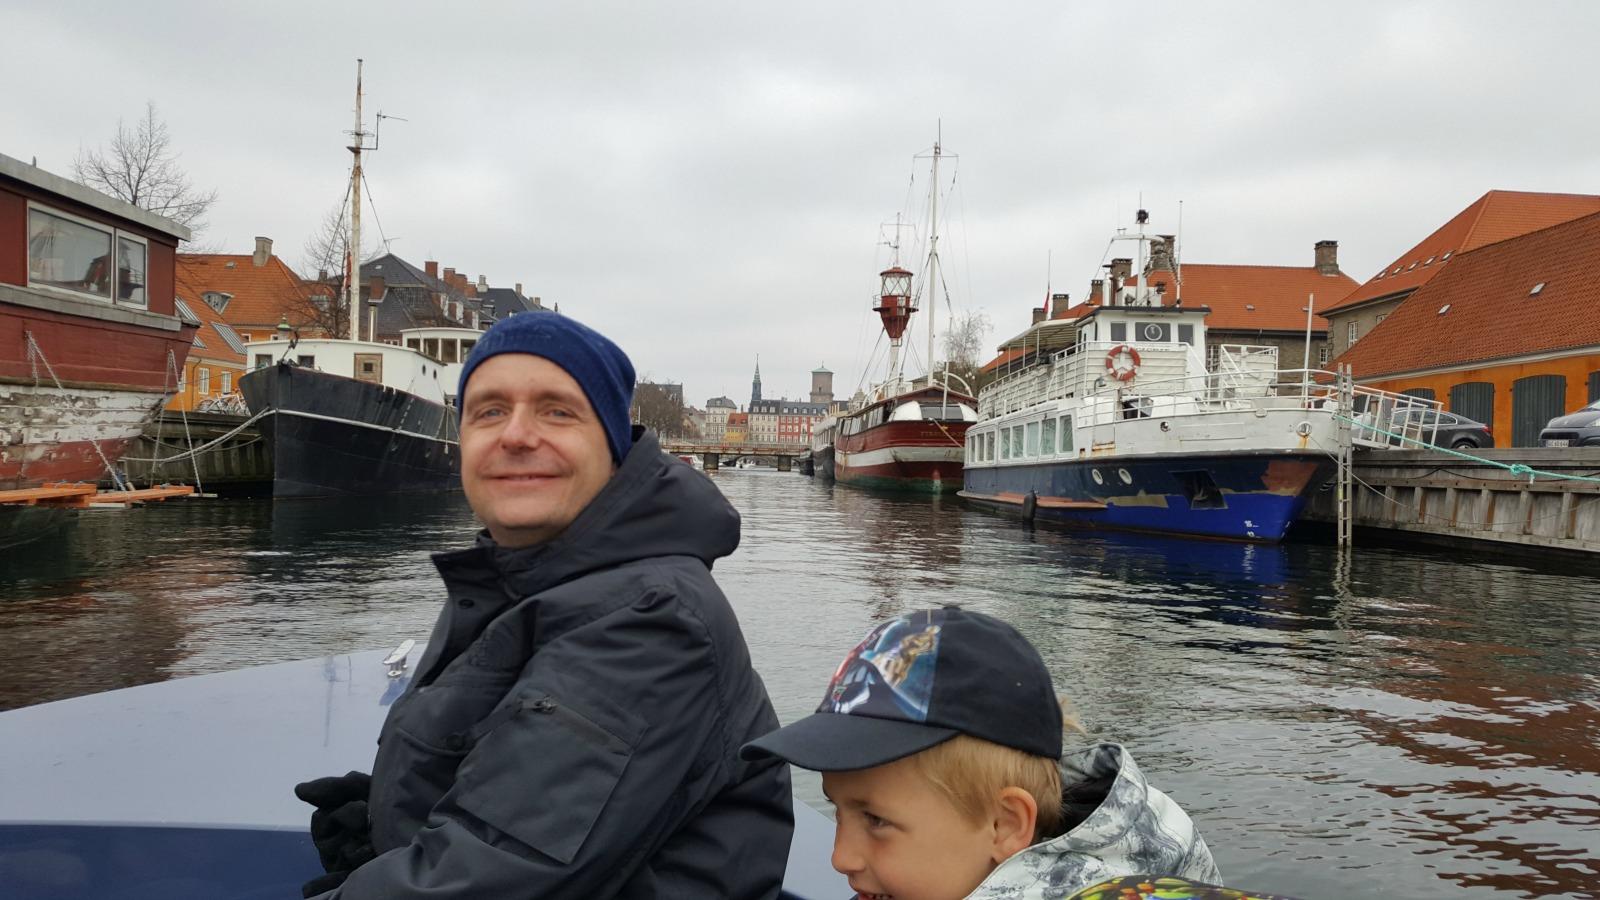 sommerland i sjælland geologisk museum københavn